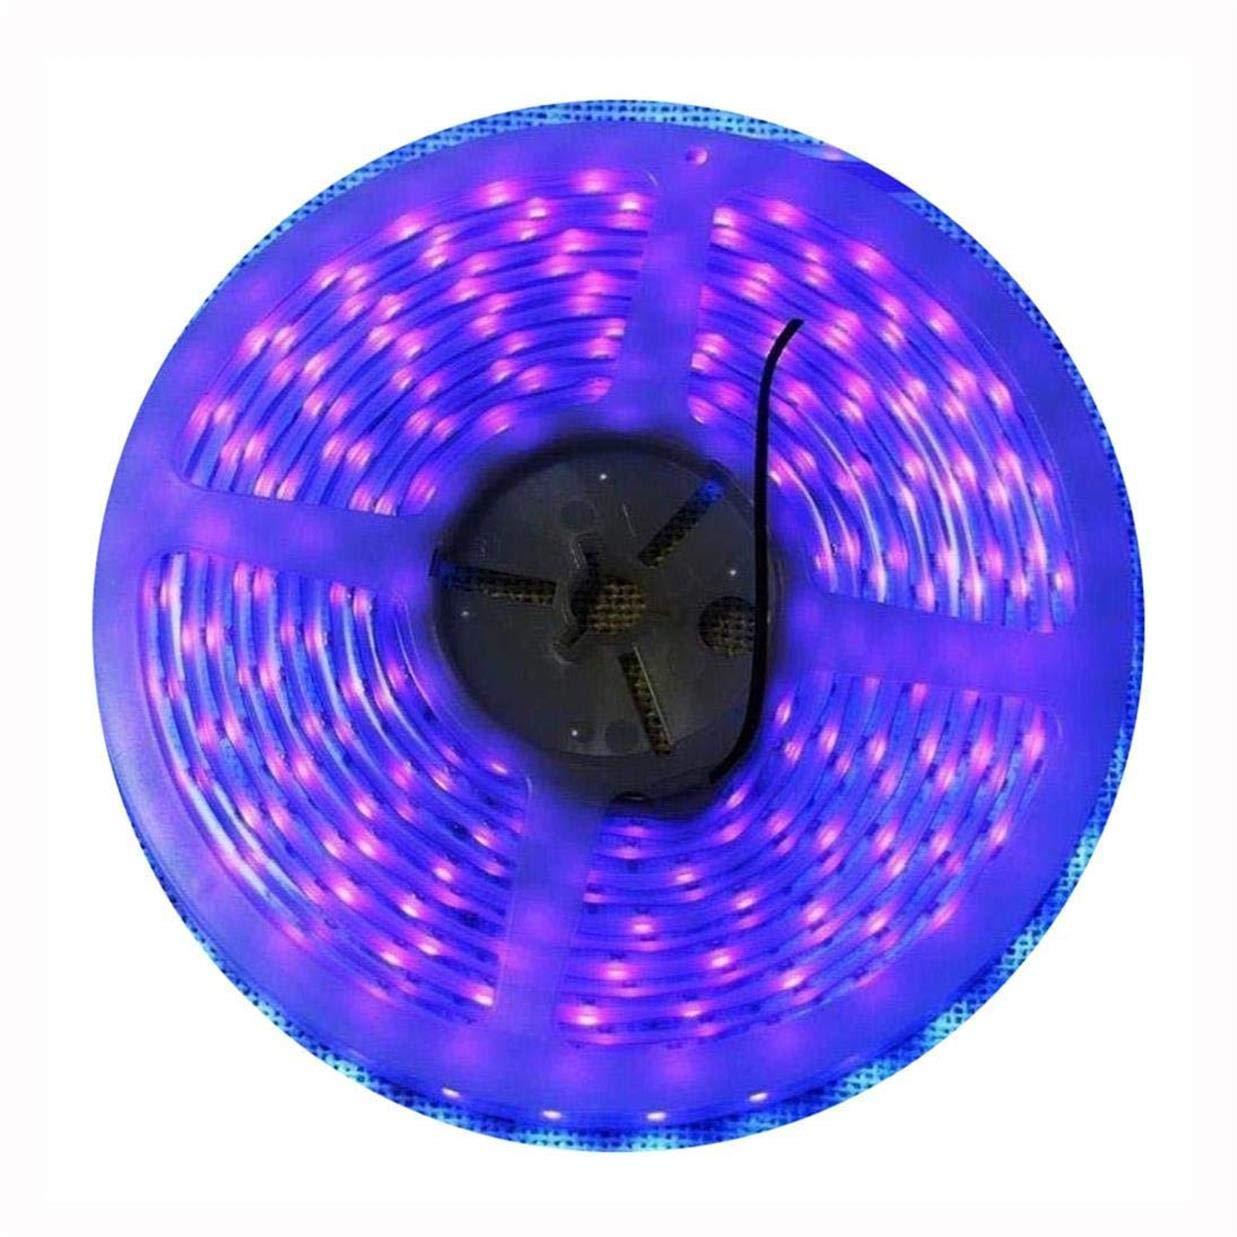 Super Waterproof 12V Black Lights UV Strip LED Blacklight Fixture, AMARS 5M/16.4FT 300 LED Purple Lighting for Boat, Outdoor, Black Lights Party, Fluorescent (Strip Only)